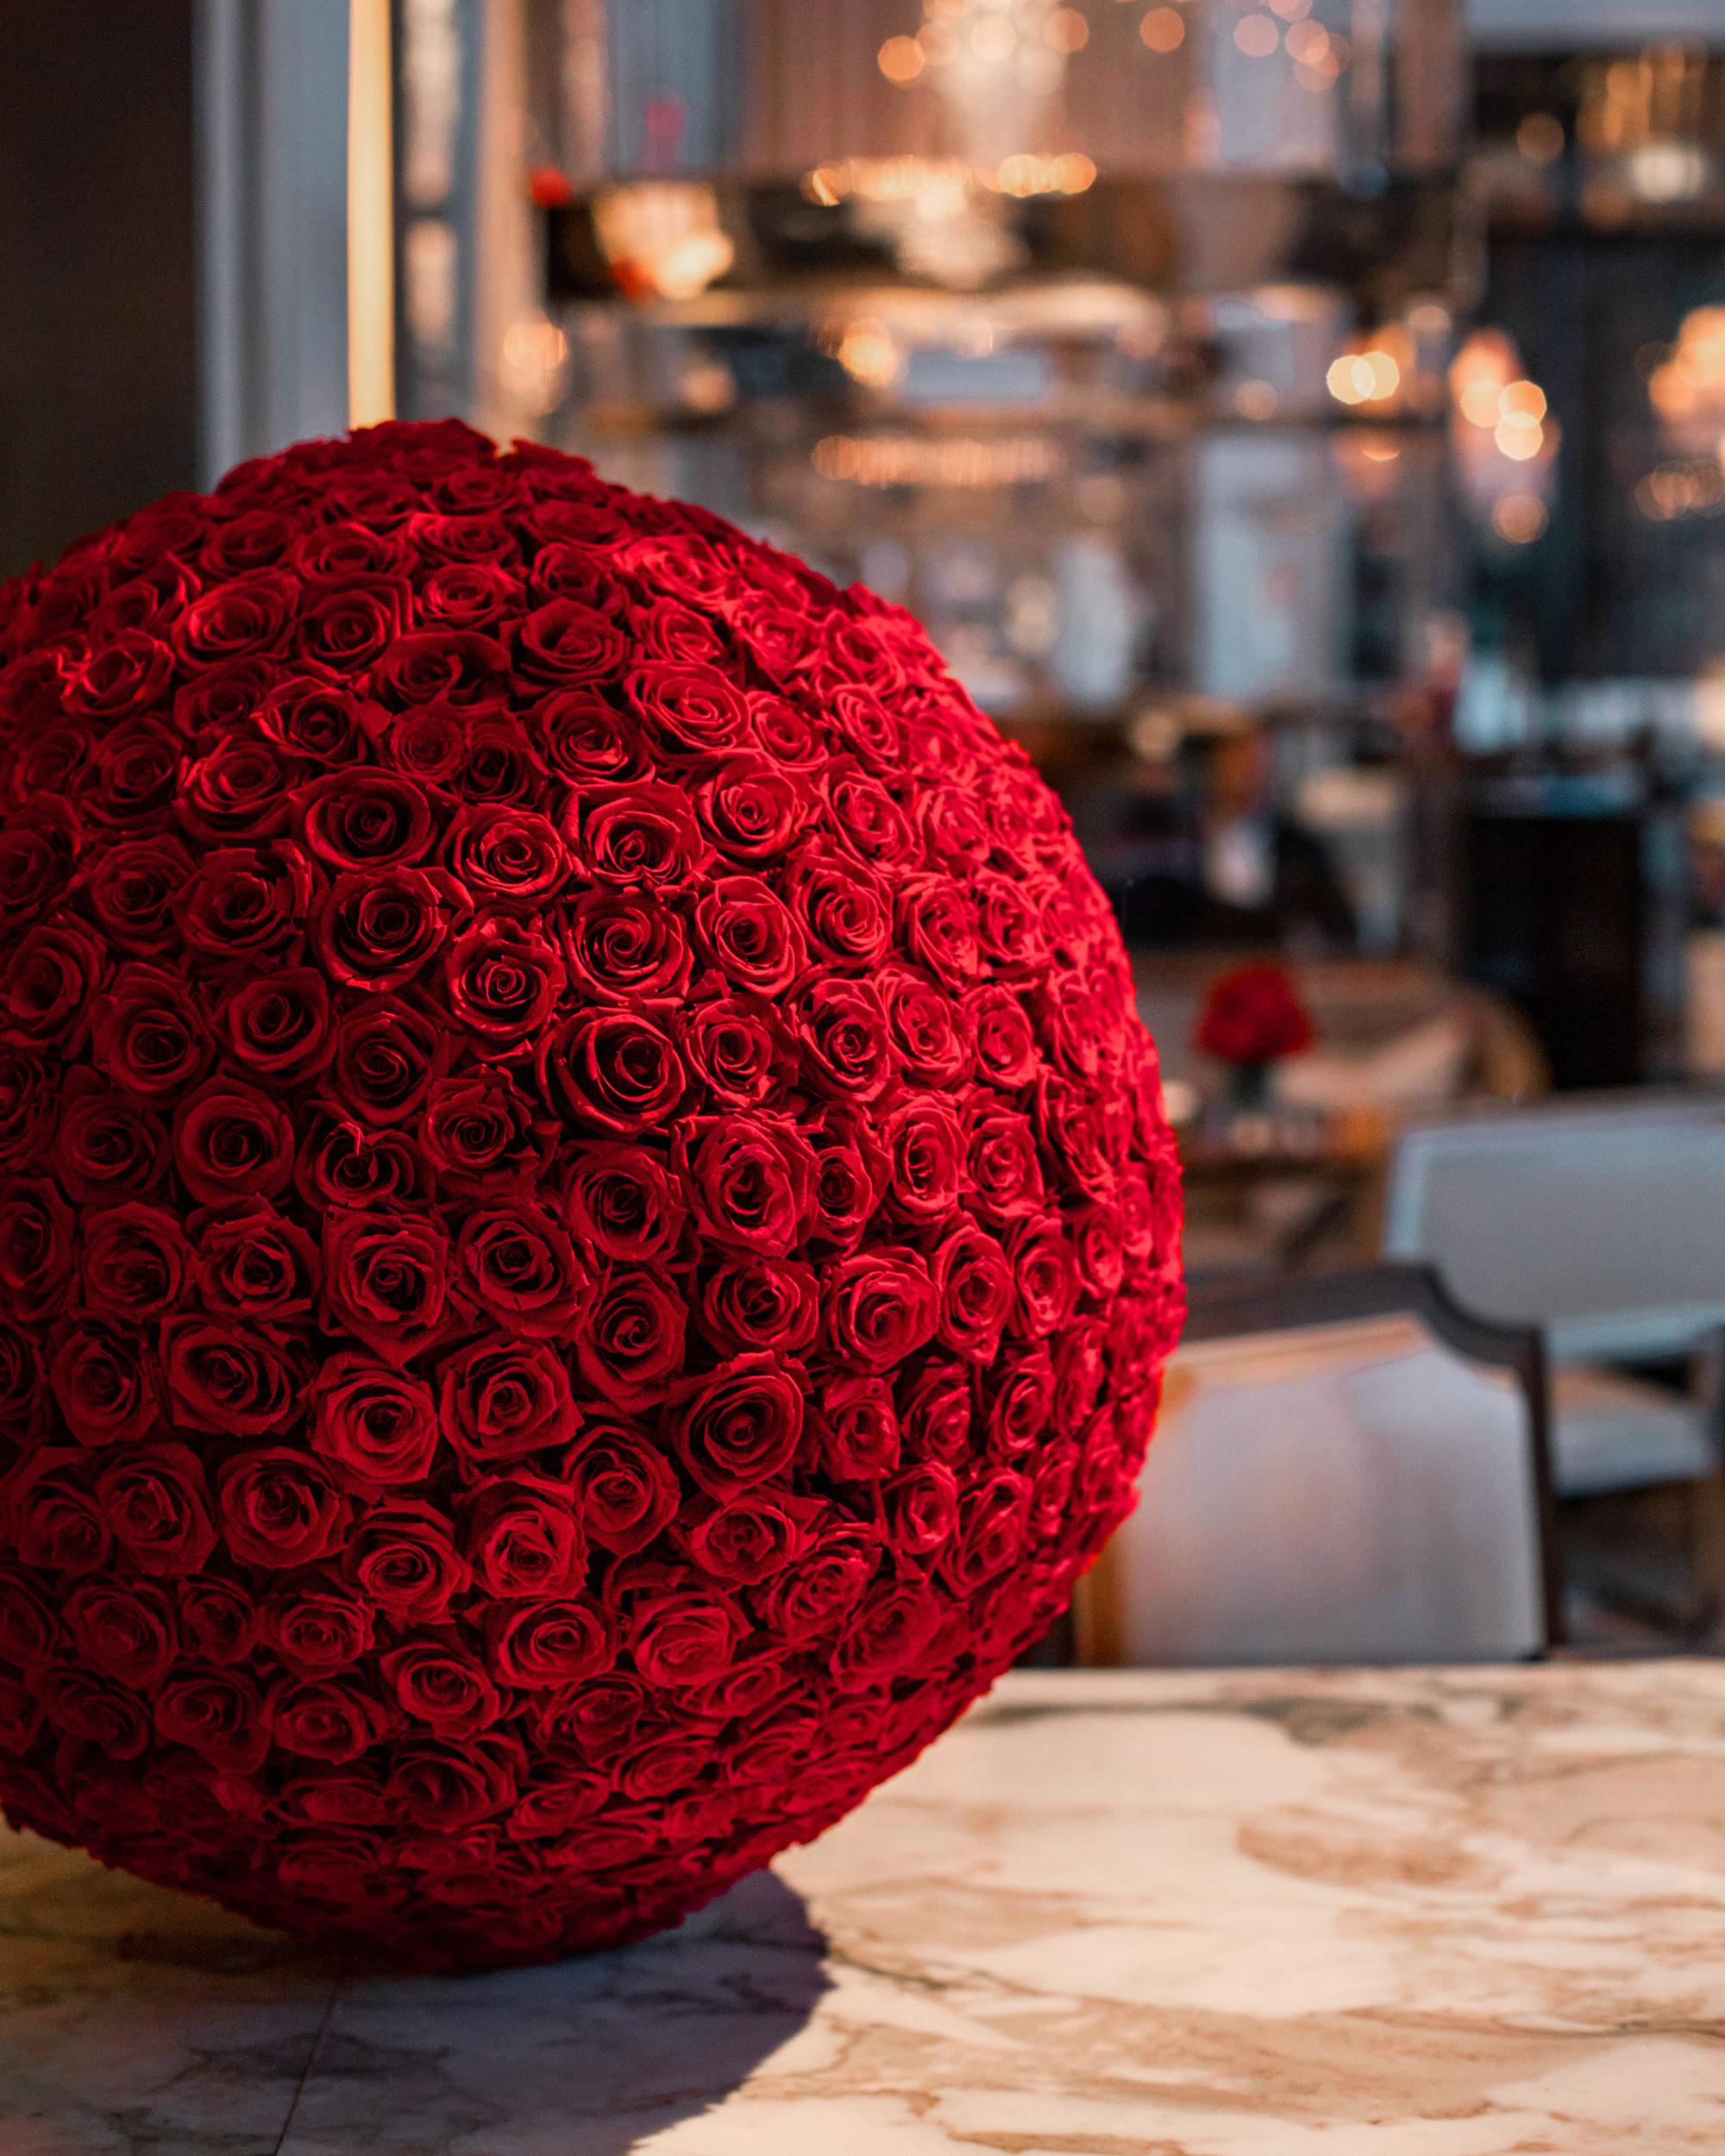 Rose-ball.jpg